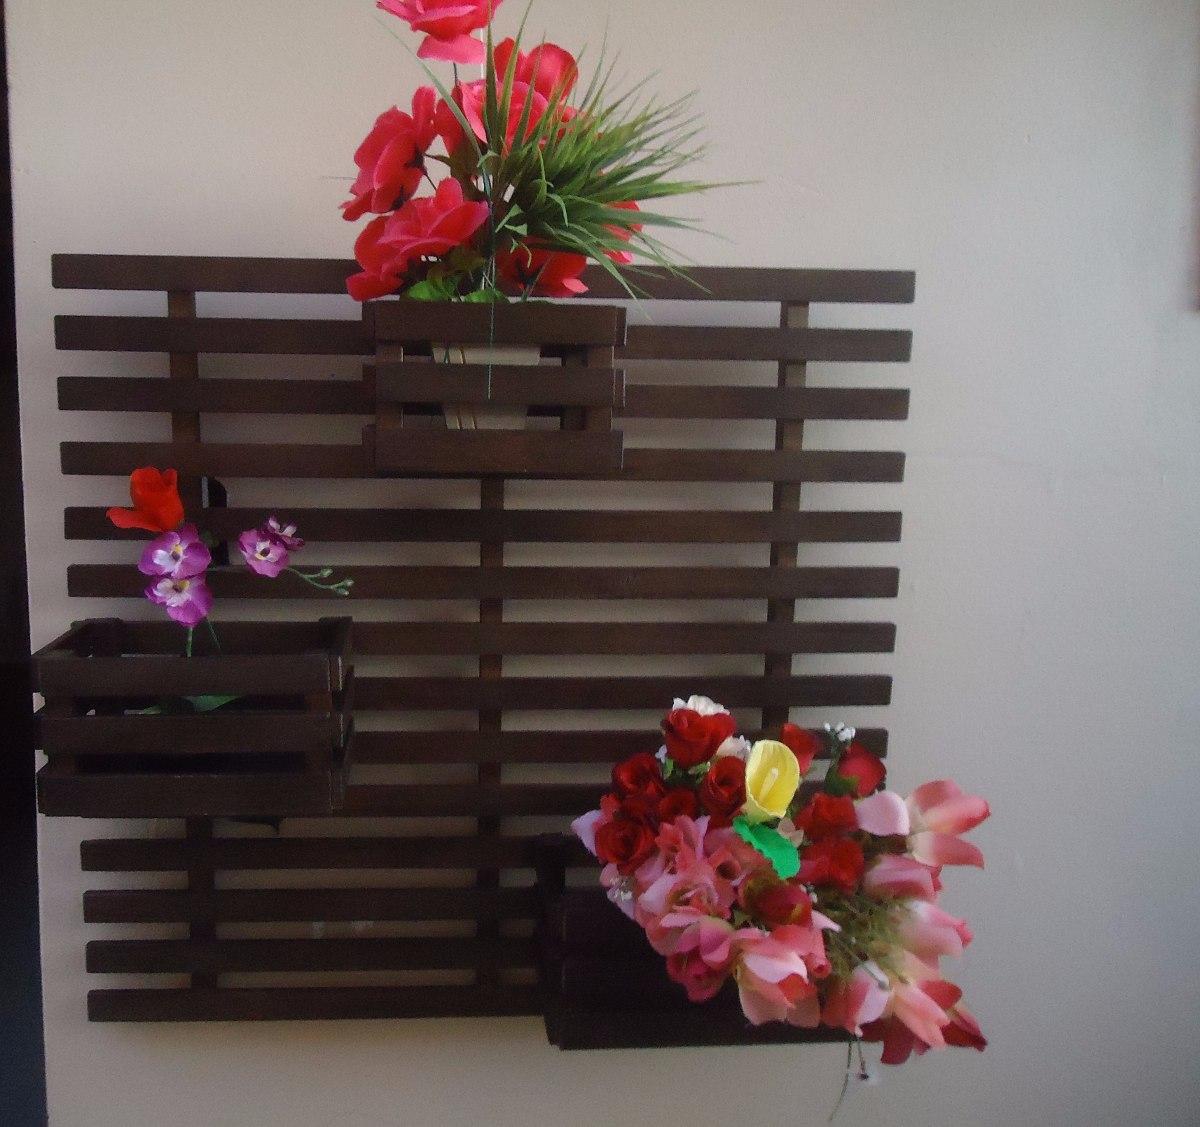 Floreira Vertical Madeira 3 Cachep S R 189 90 Em Mercado Livre -> Floreira Vertical